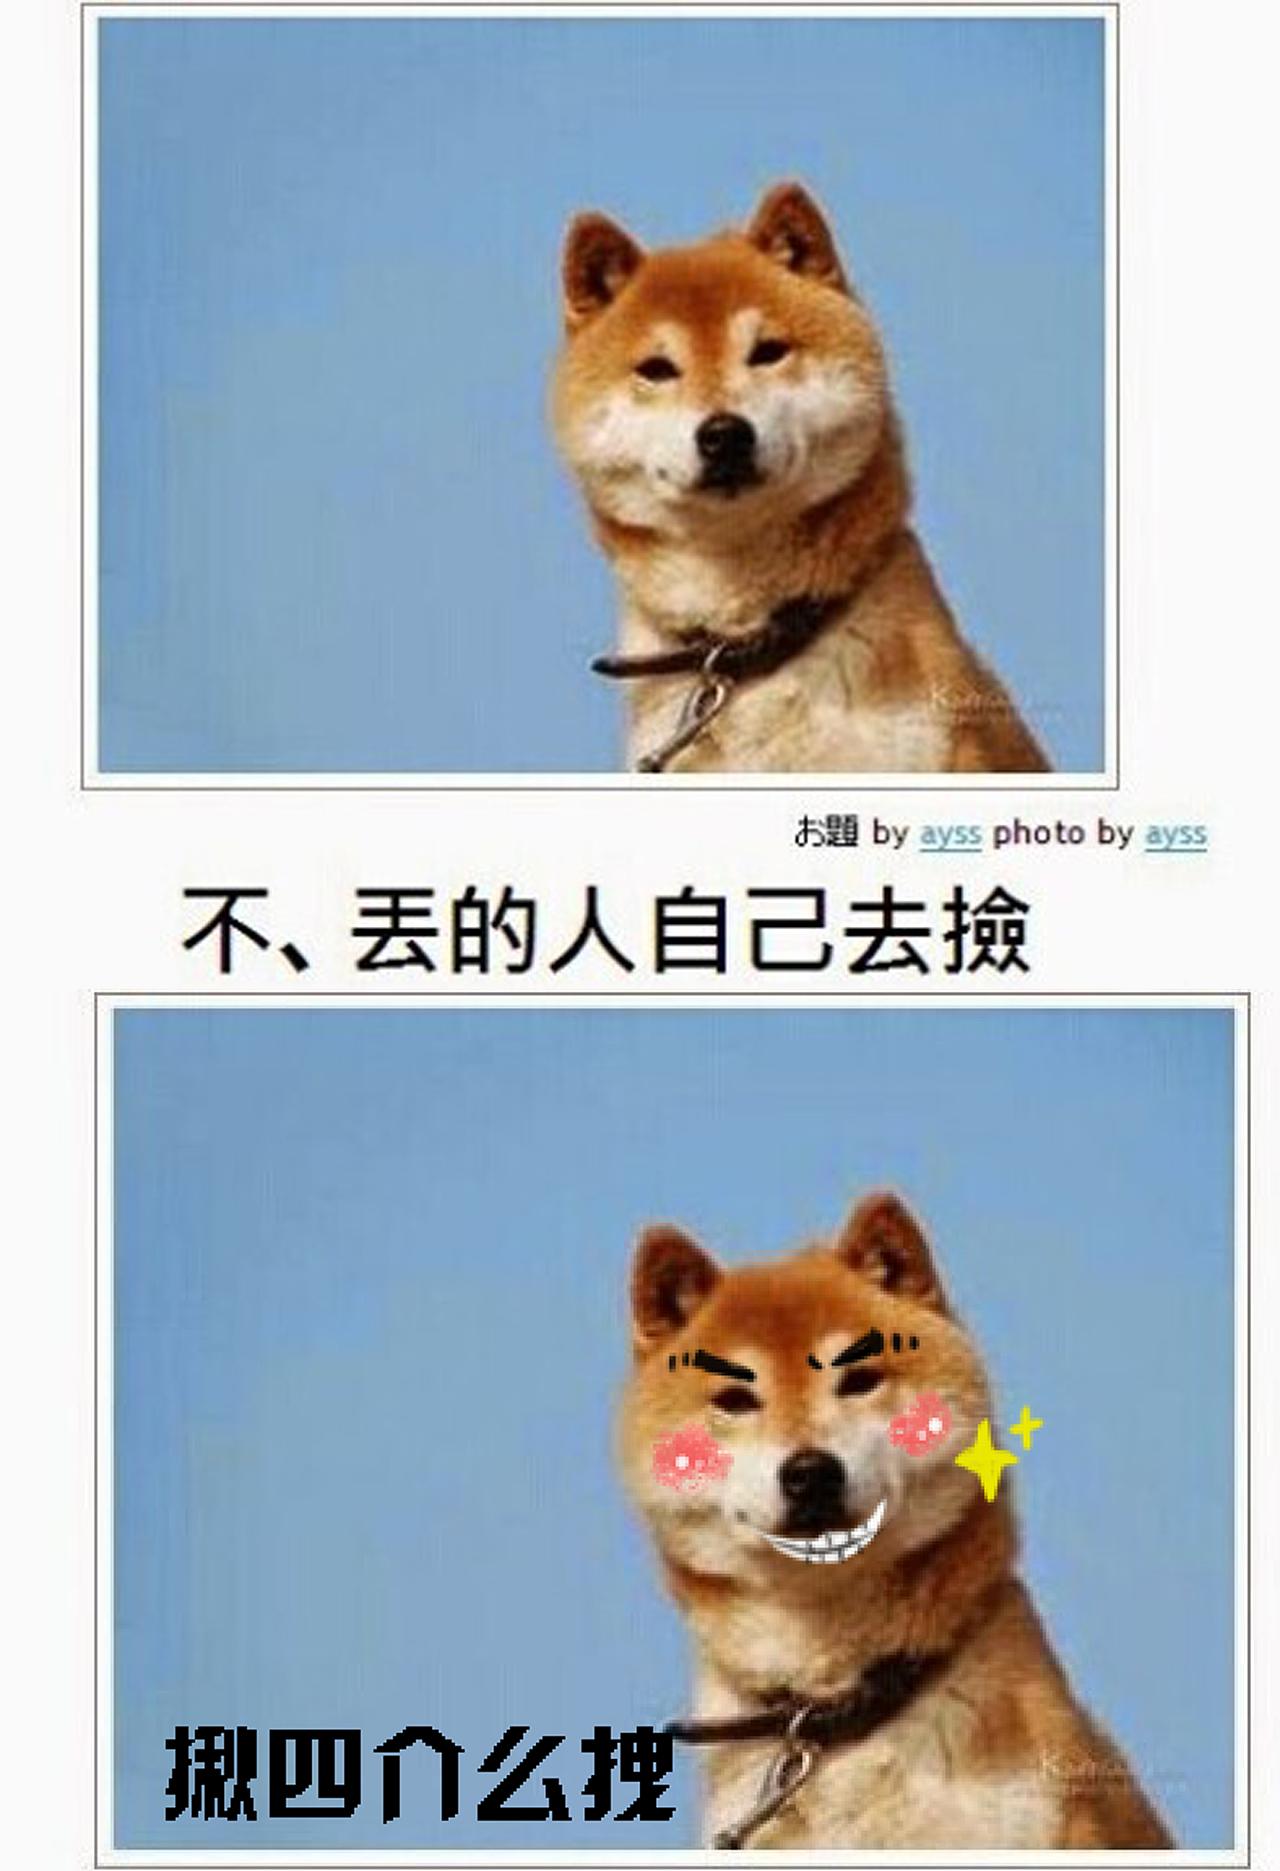 一天在网上看到的图片,一只可爱的秋田犬,表情呆萌的说着,不愿意图片